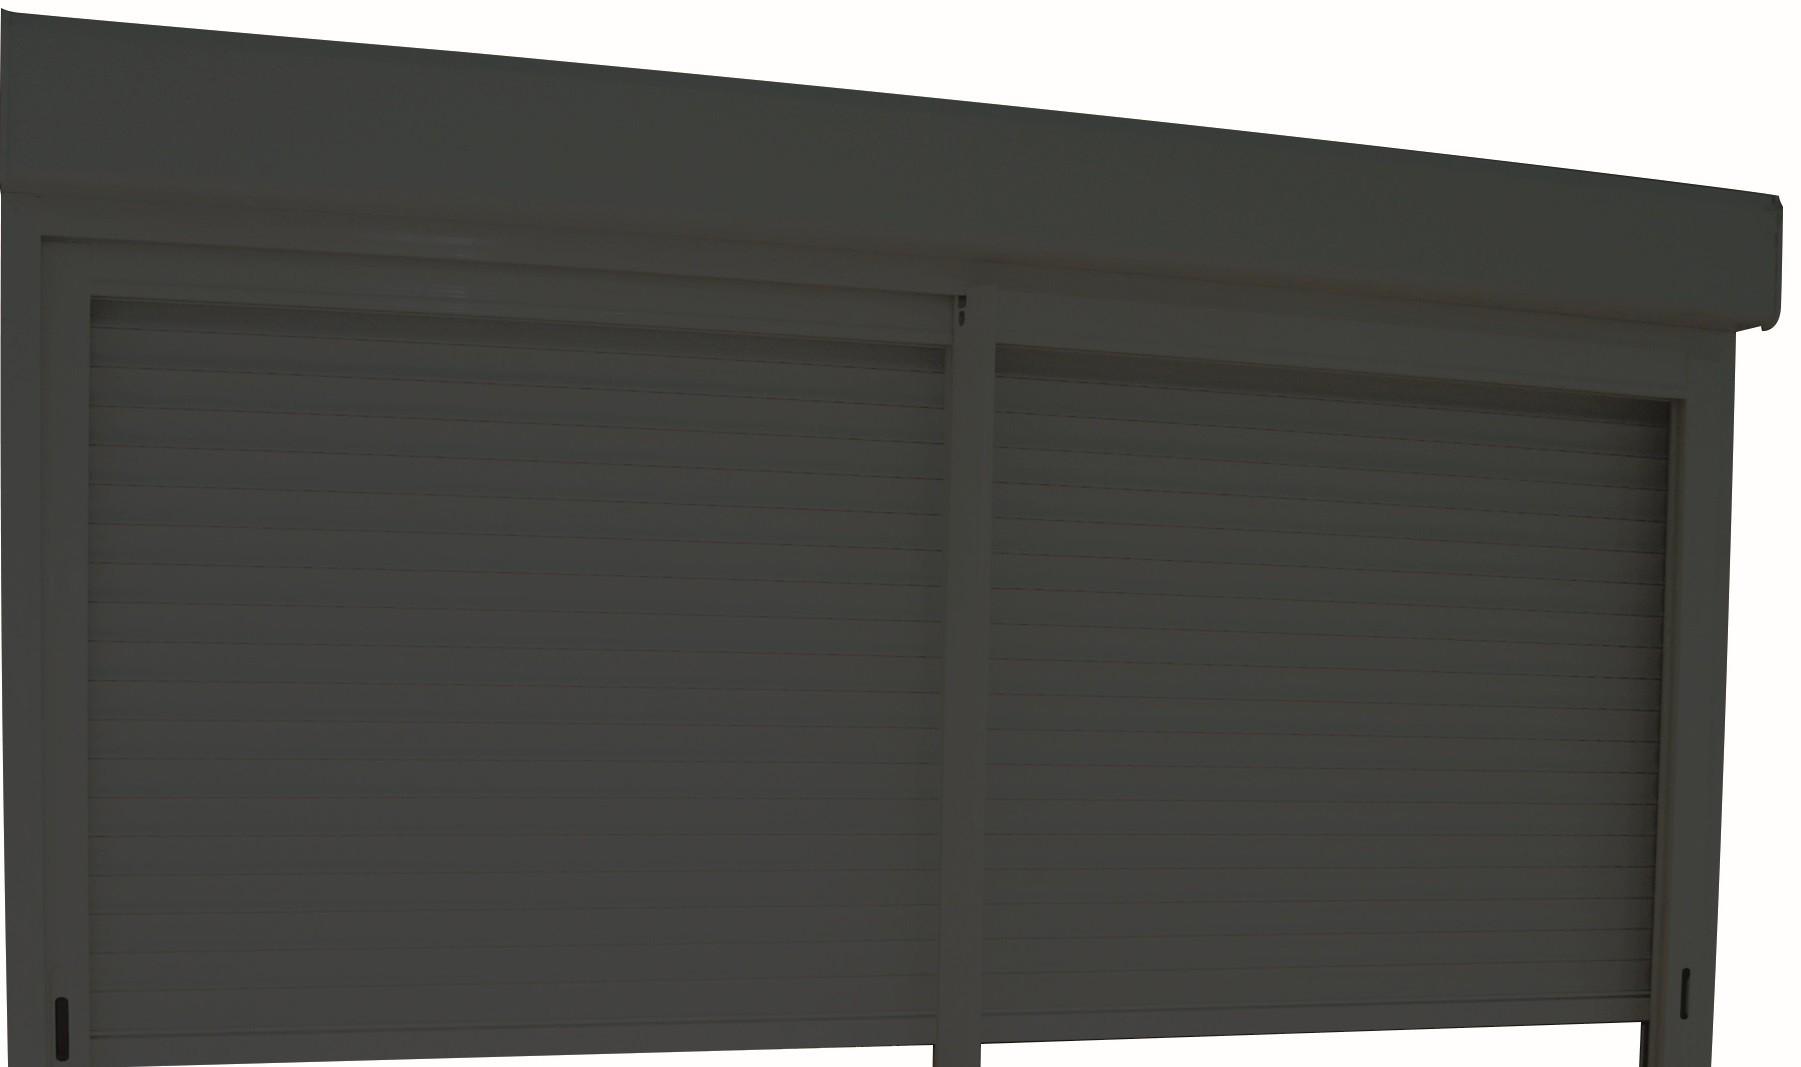 volets roulants gris pour baies coulissantes aluminium h215- l240